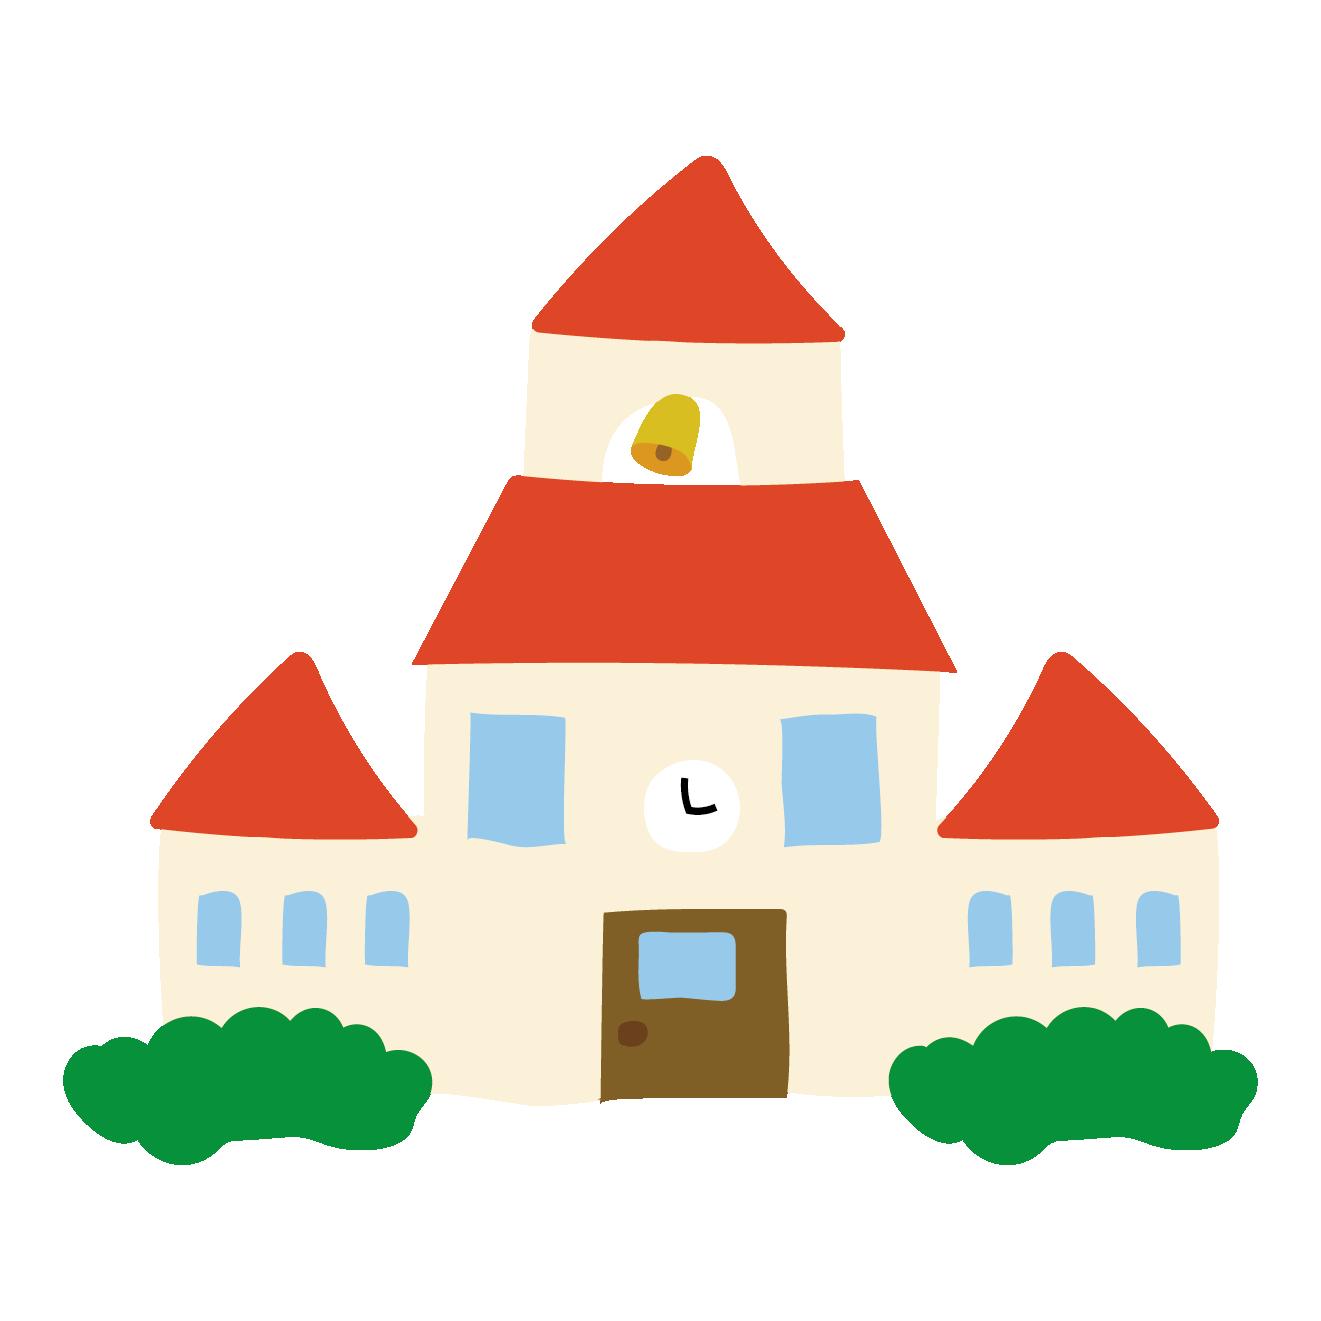 赤い屋根の学校(スクール・校舎)のイラスト | 商用フリー(無料)の